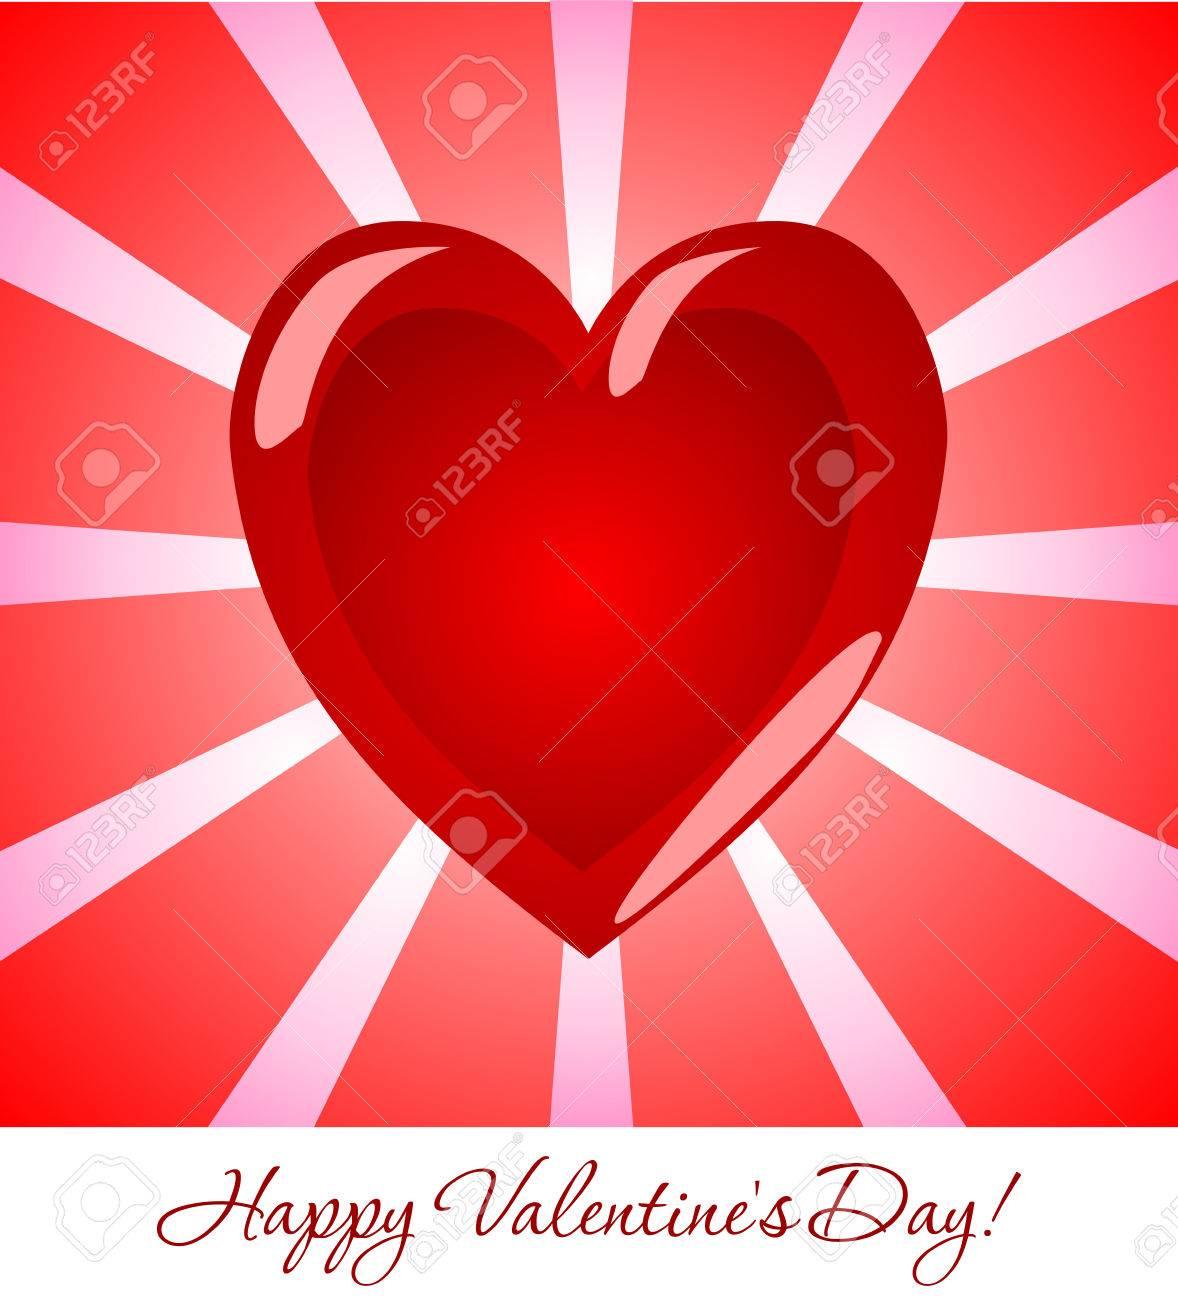 Belle Carte De Voeux Pour La Saint Valentin Coeur Volumetrique Pop Glamour Art Rouge Sur Fond De Rayons Roses Salutations De Vacances Pour Les Amateurs Clip Art Libres De Droits Vecteurs